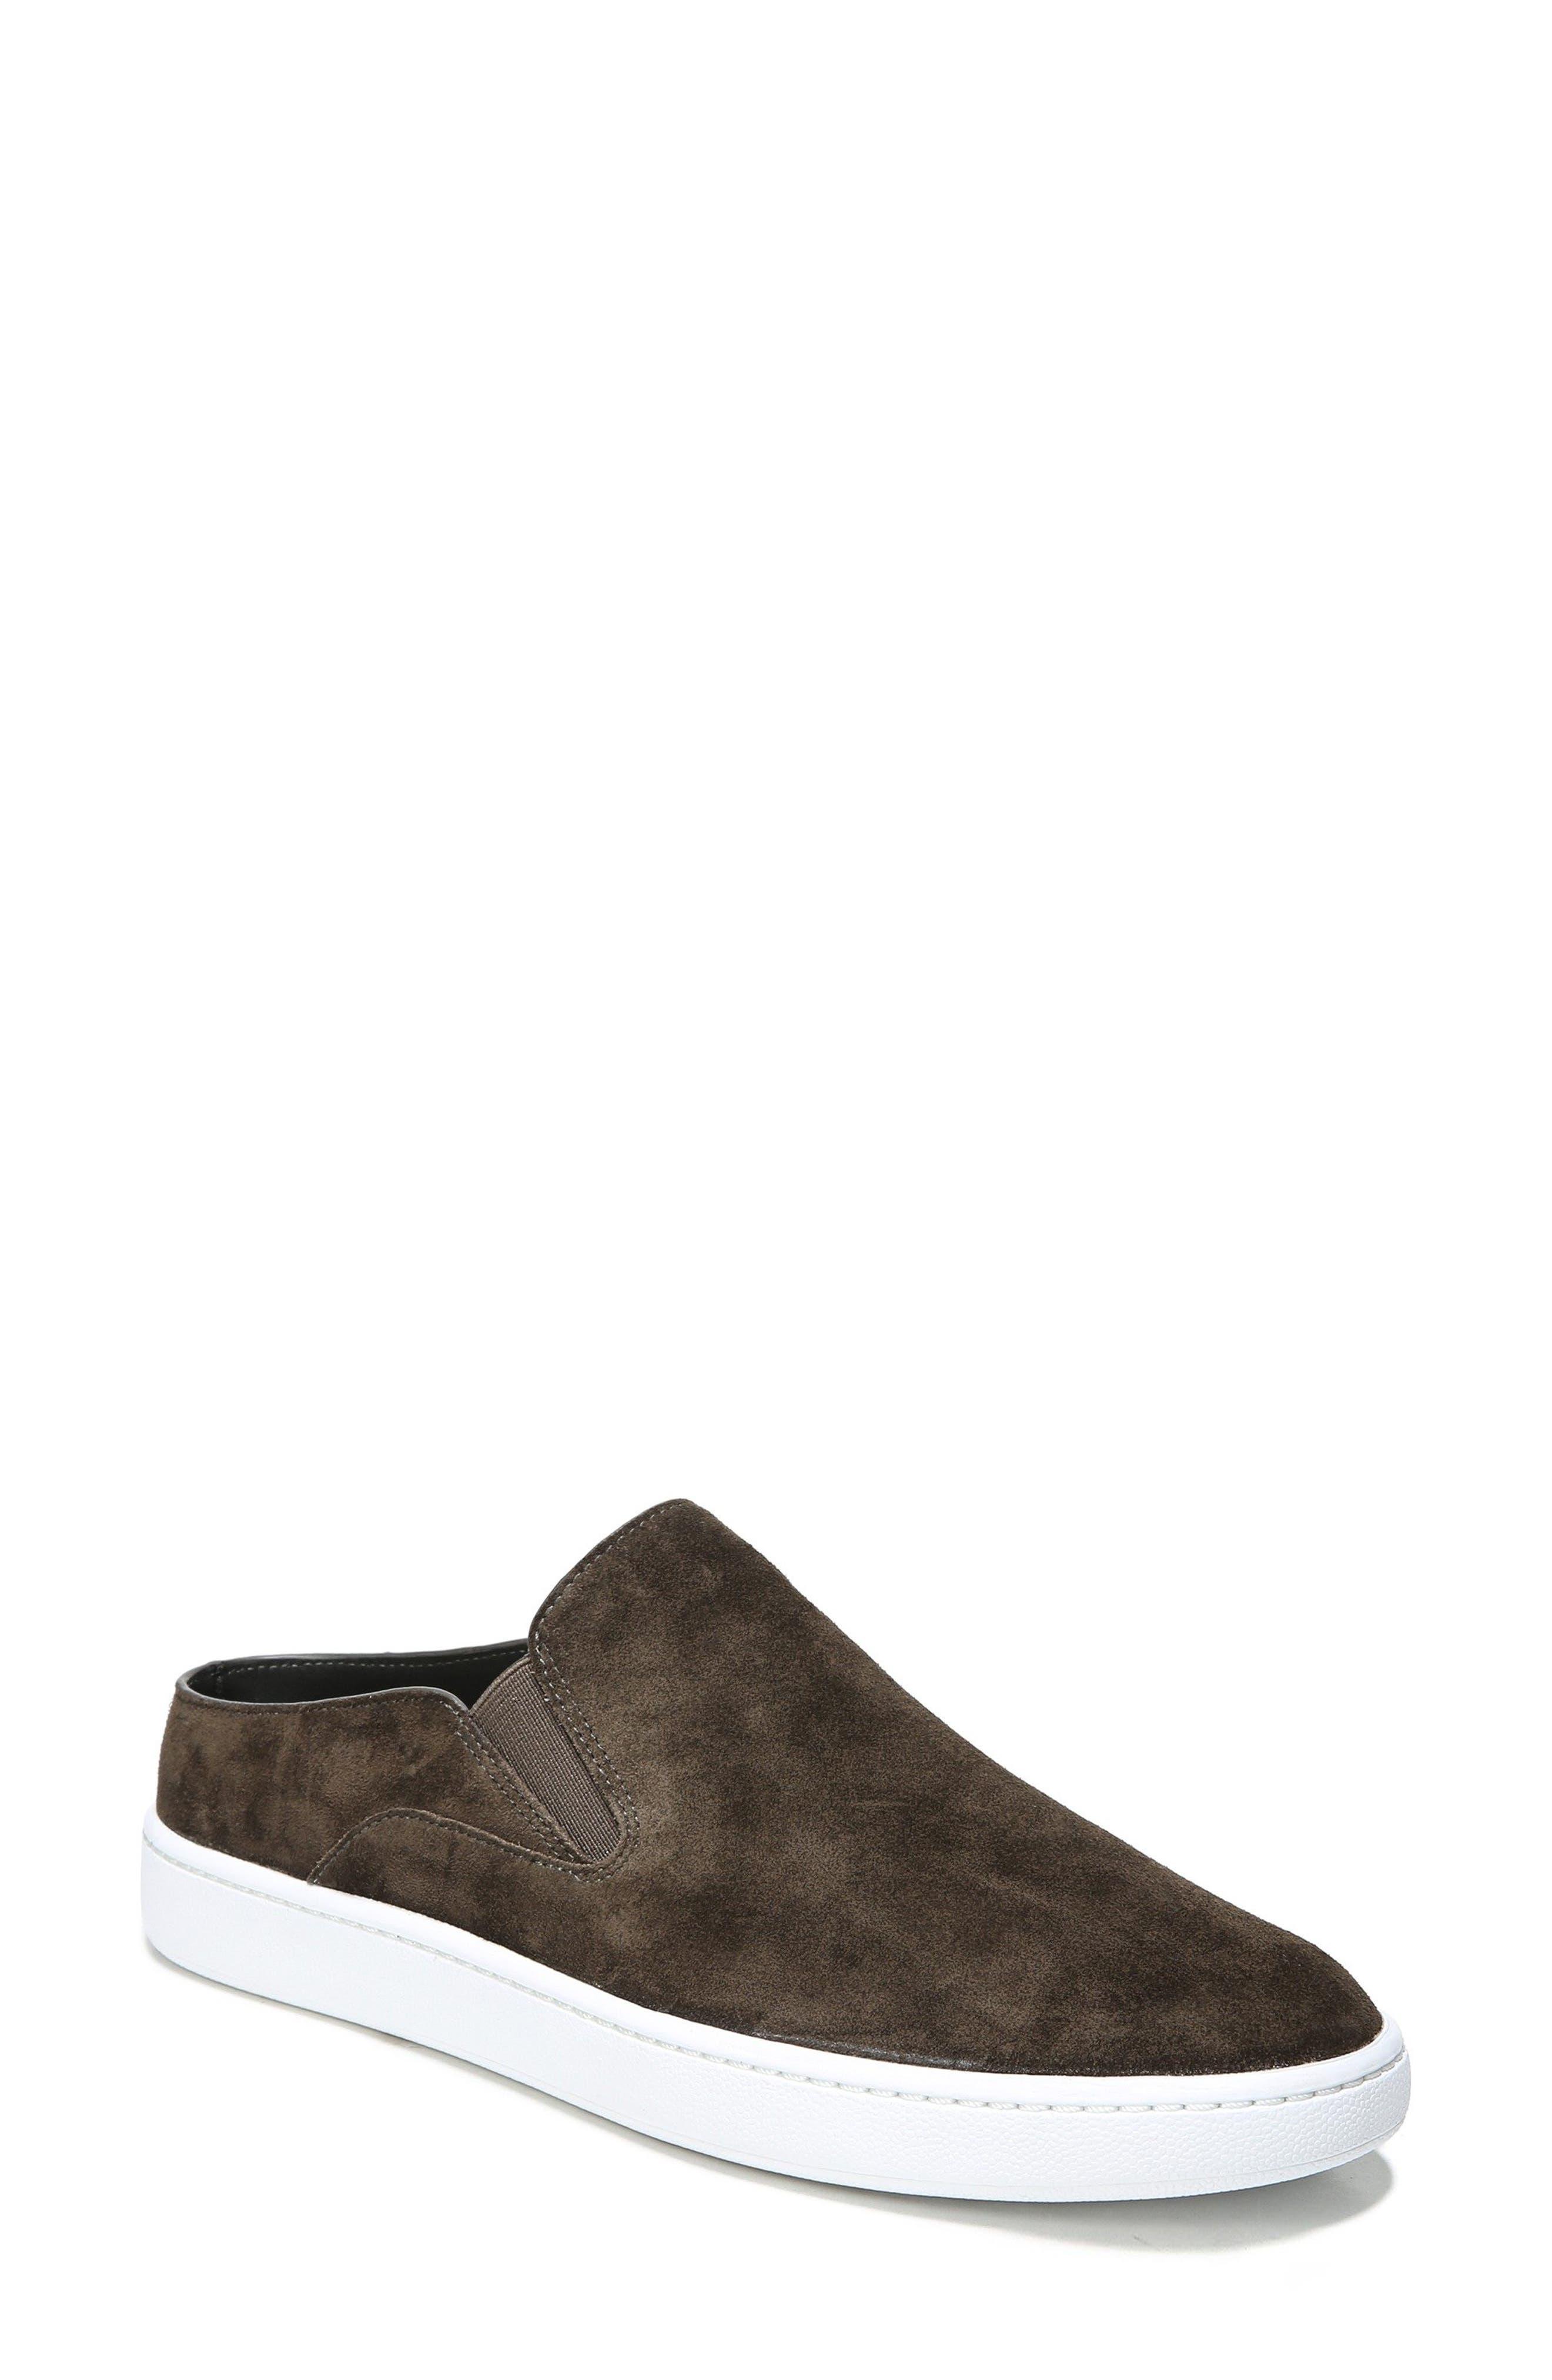 Verrell Slip-On Sneaker,                             Main thumbnail 5, color,